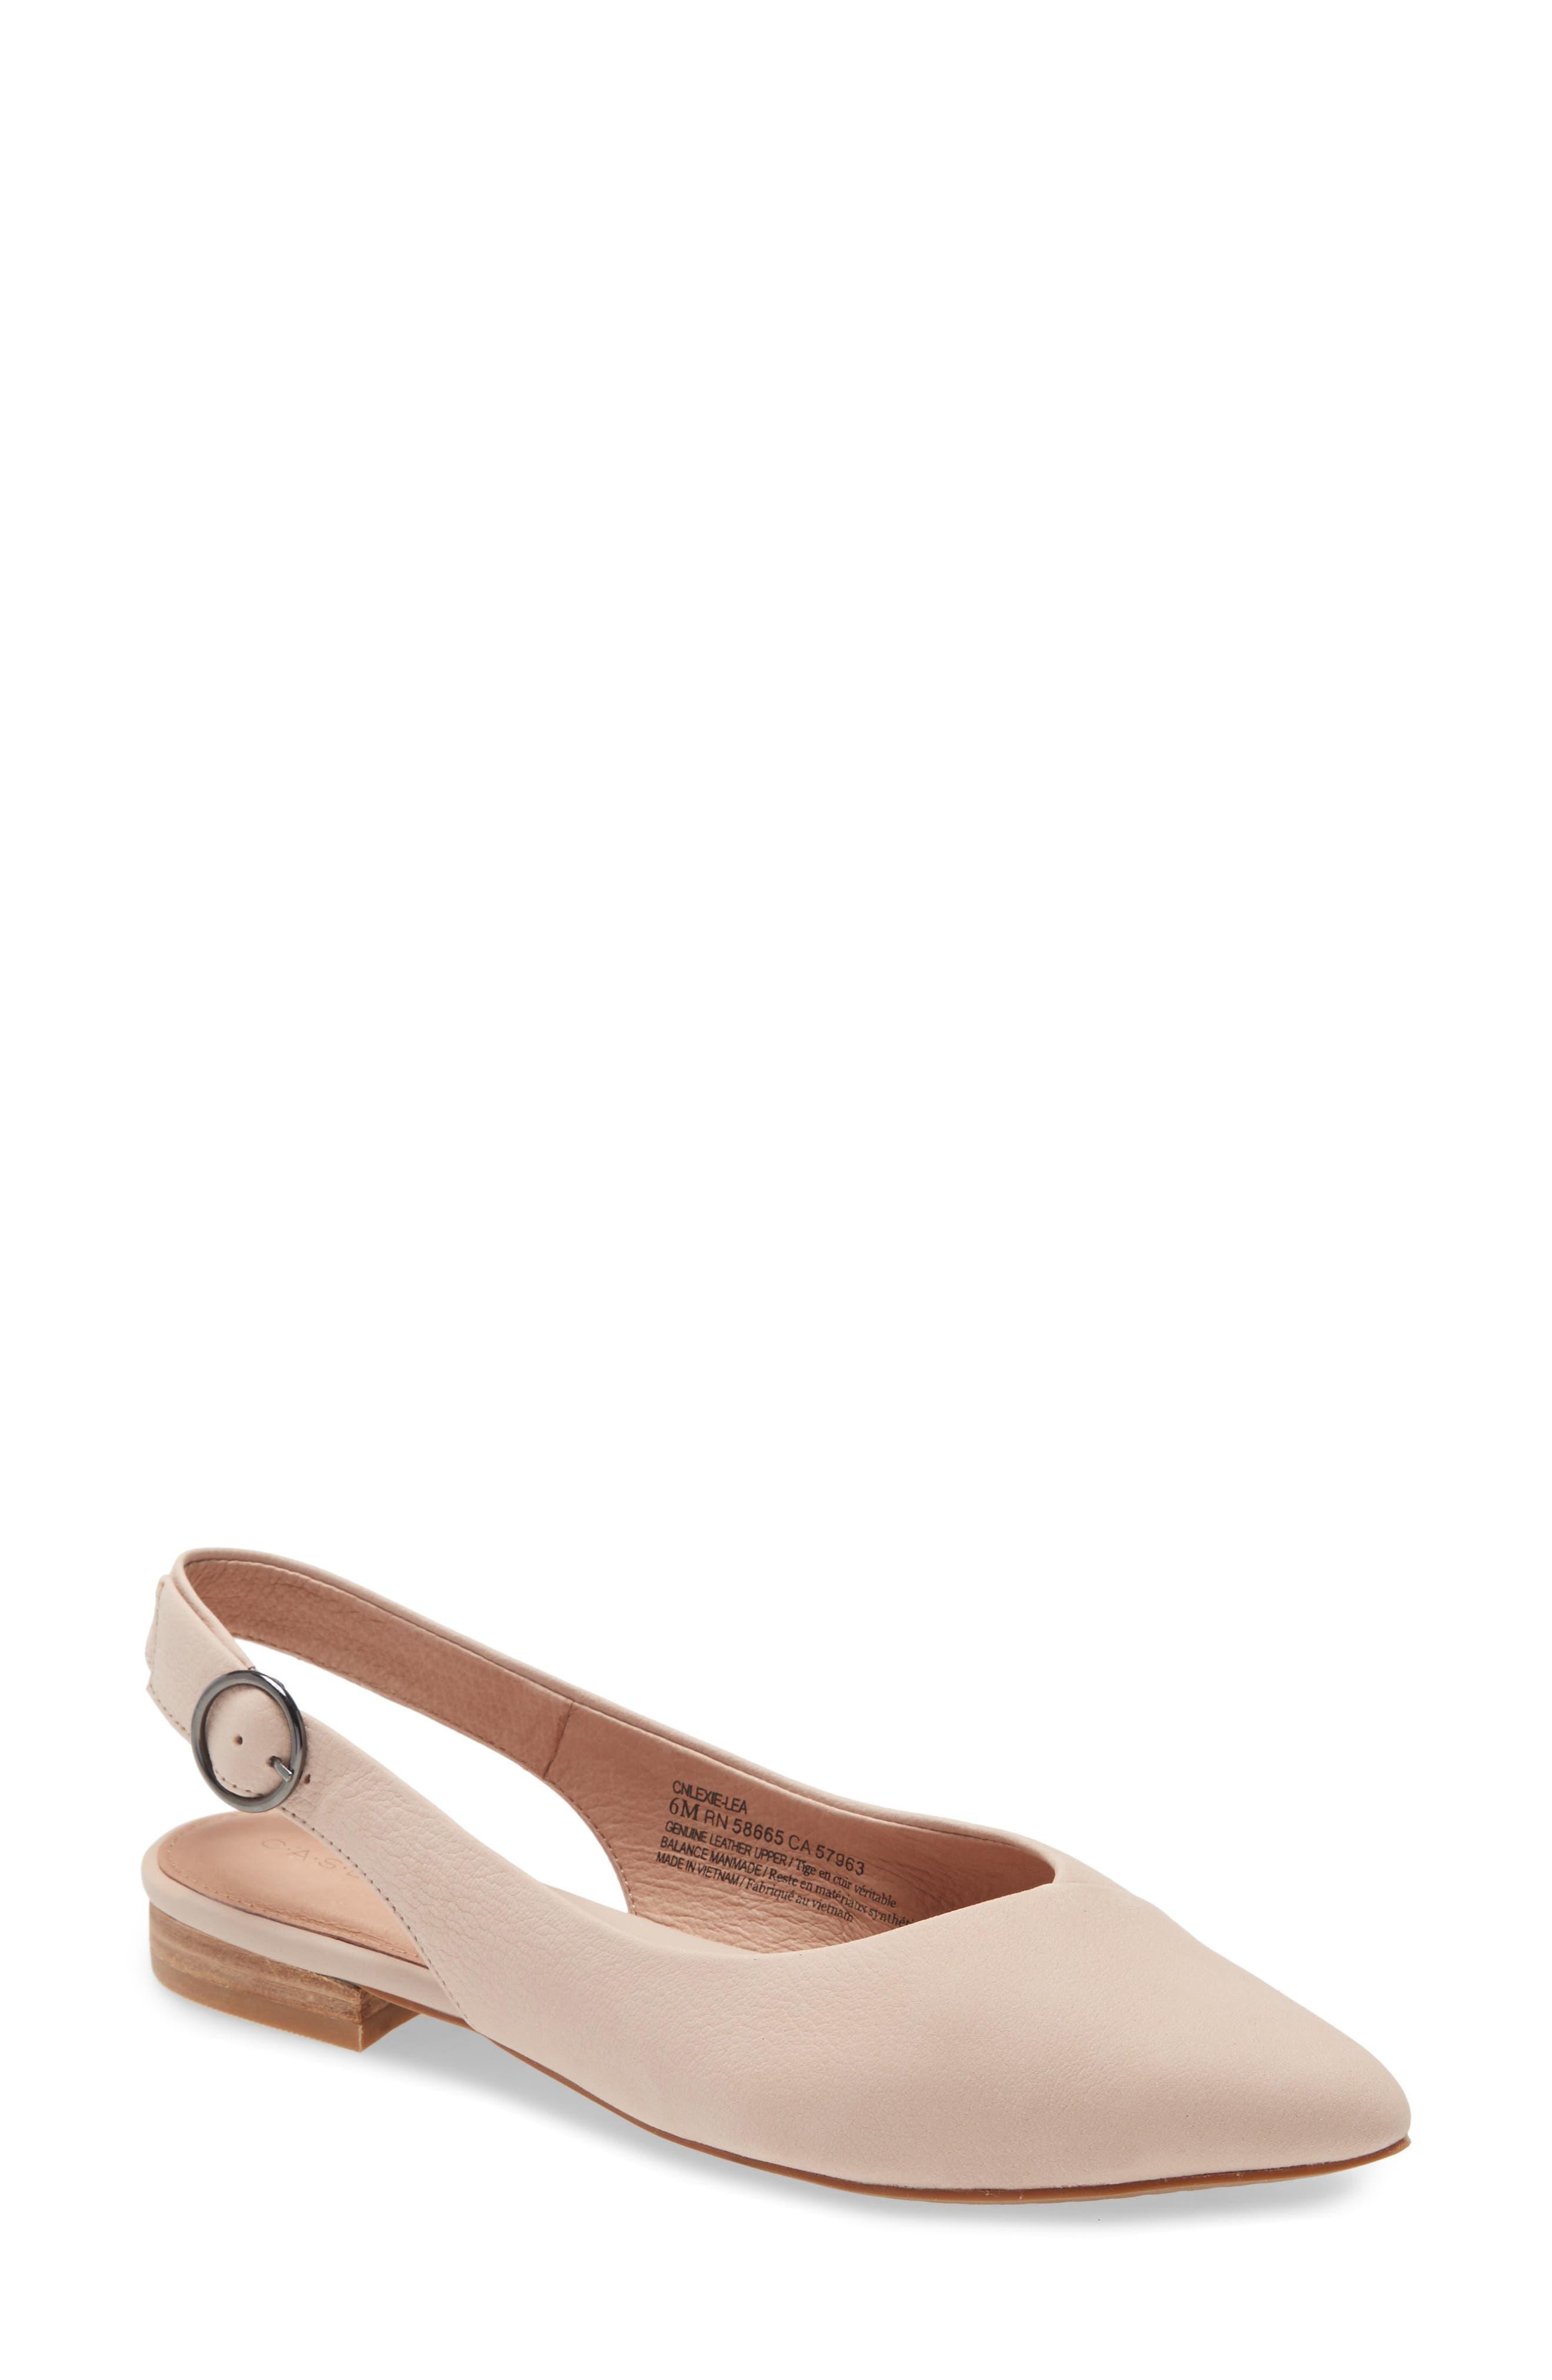 Women's Pink Flats \u0026 Ballet Flats